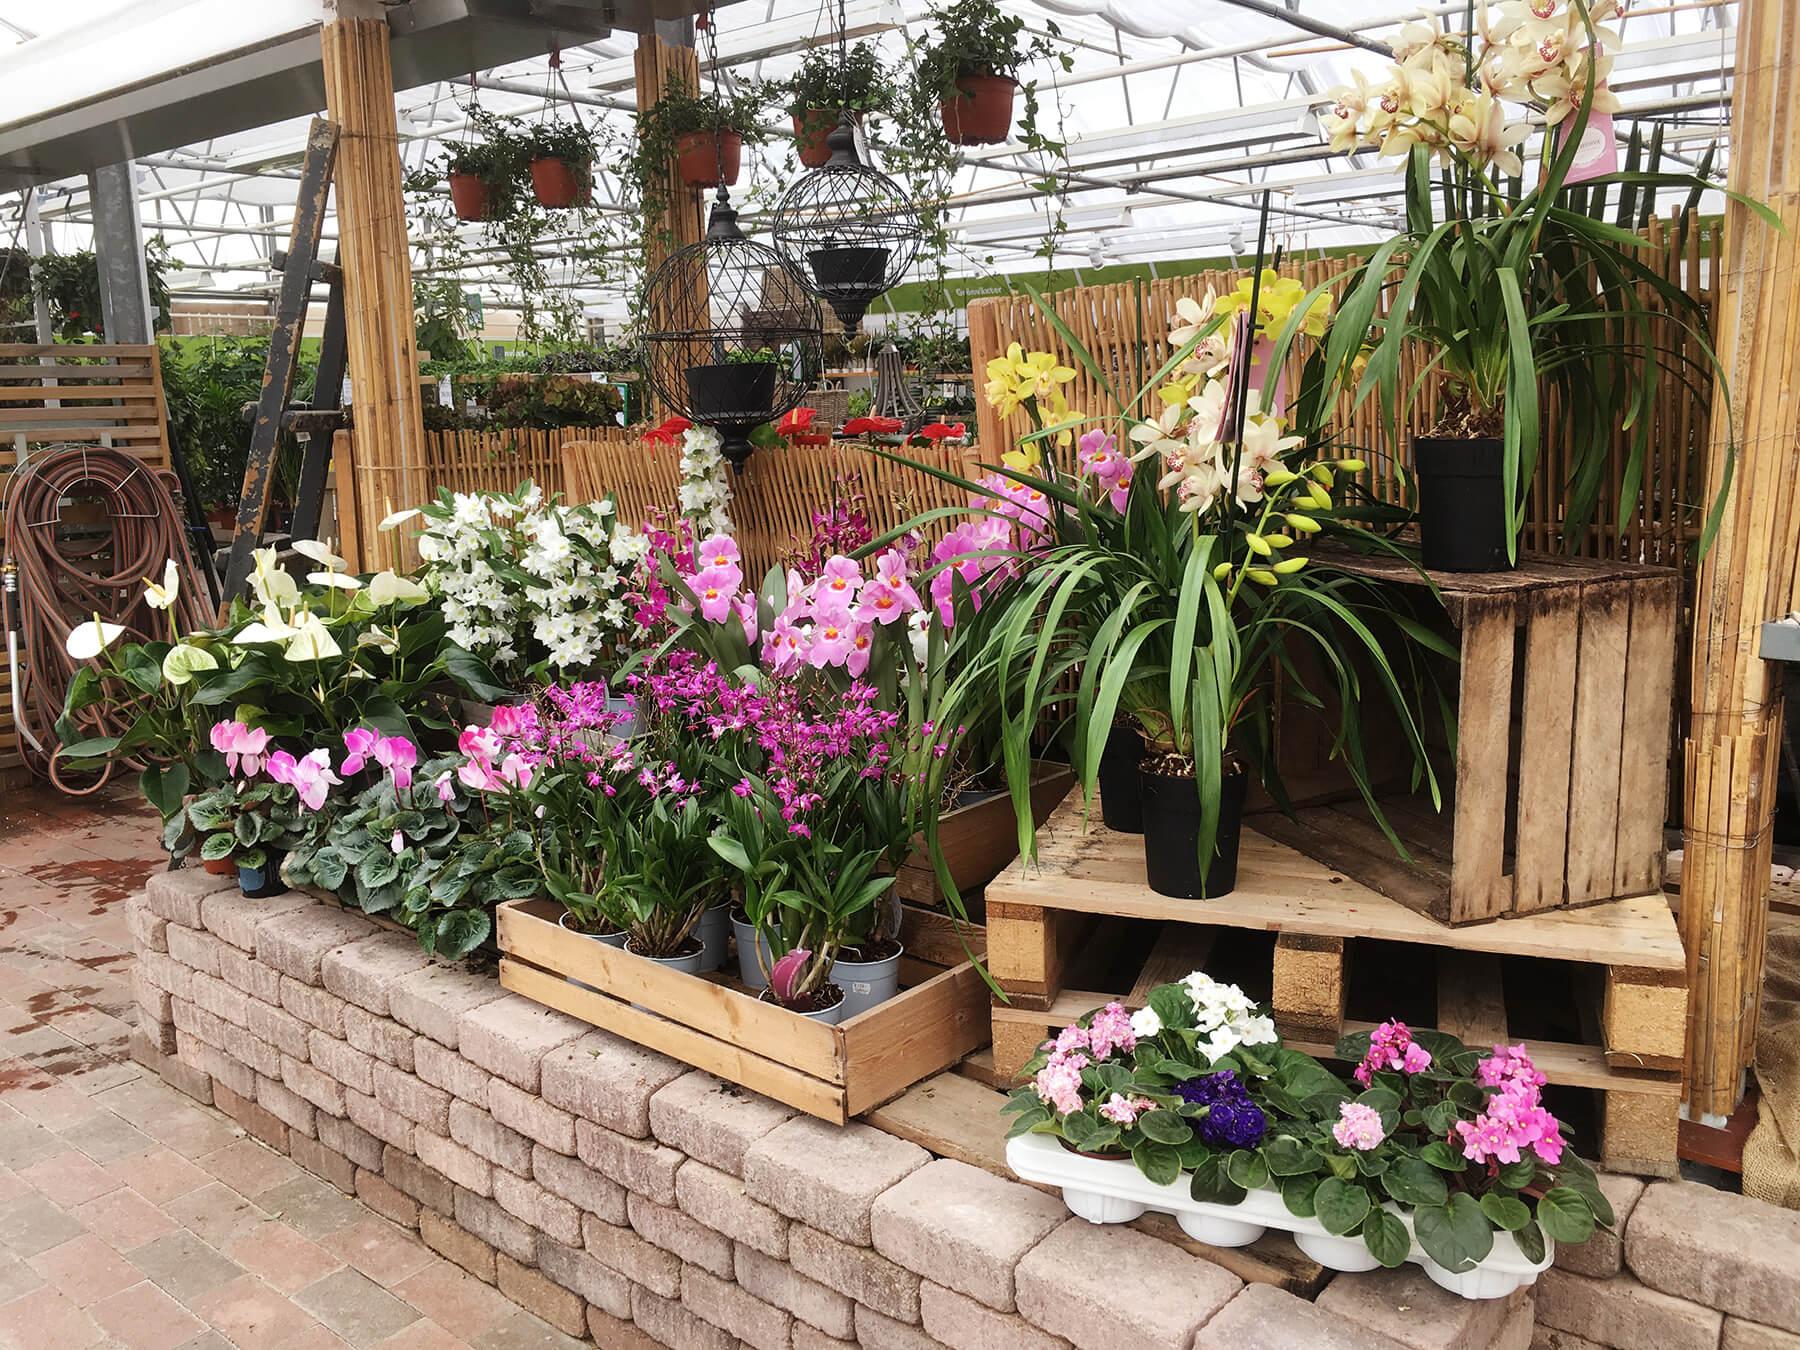 Härligt prunkande blommande krukväxter. Gör ett besök på Sollidens handelsträdgård, i Hunnebostrand nära Smögen.